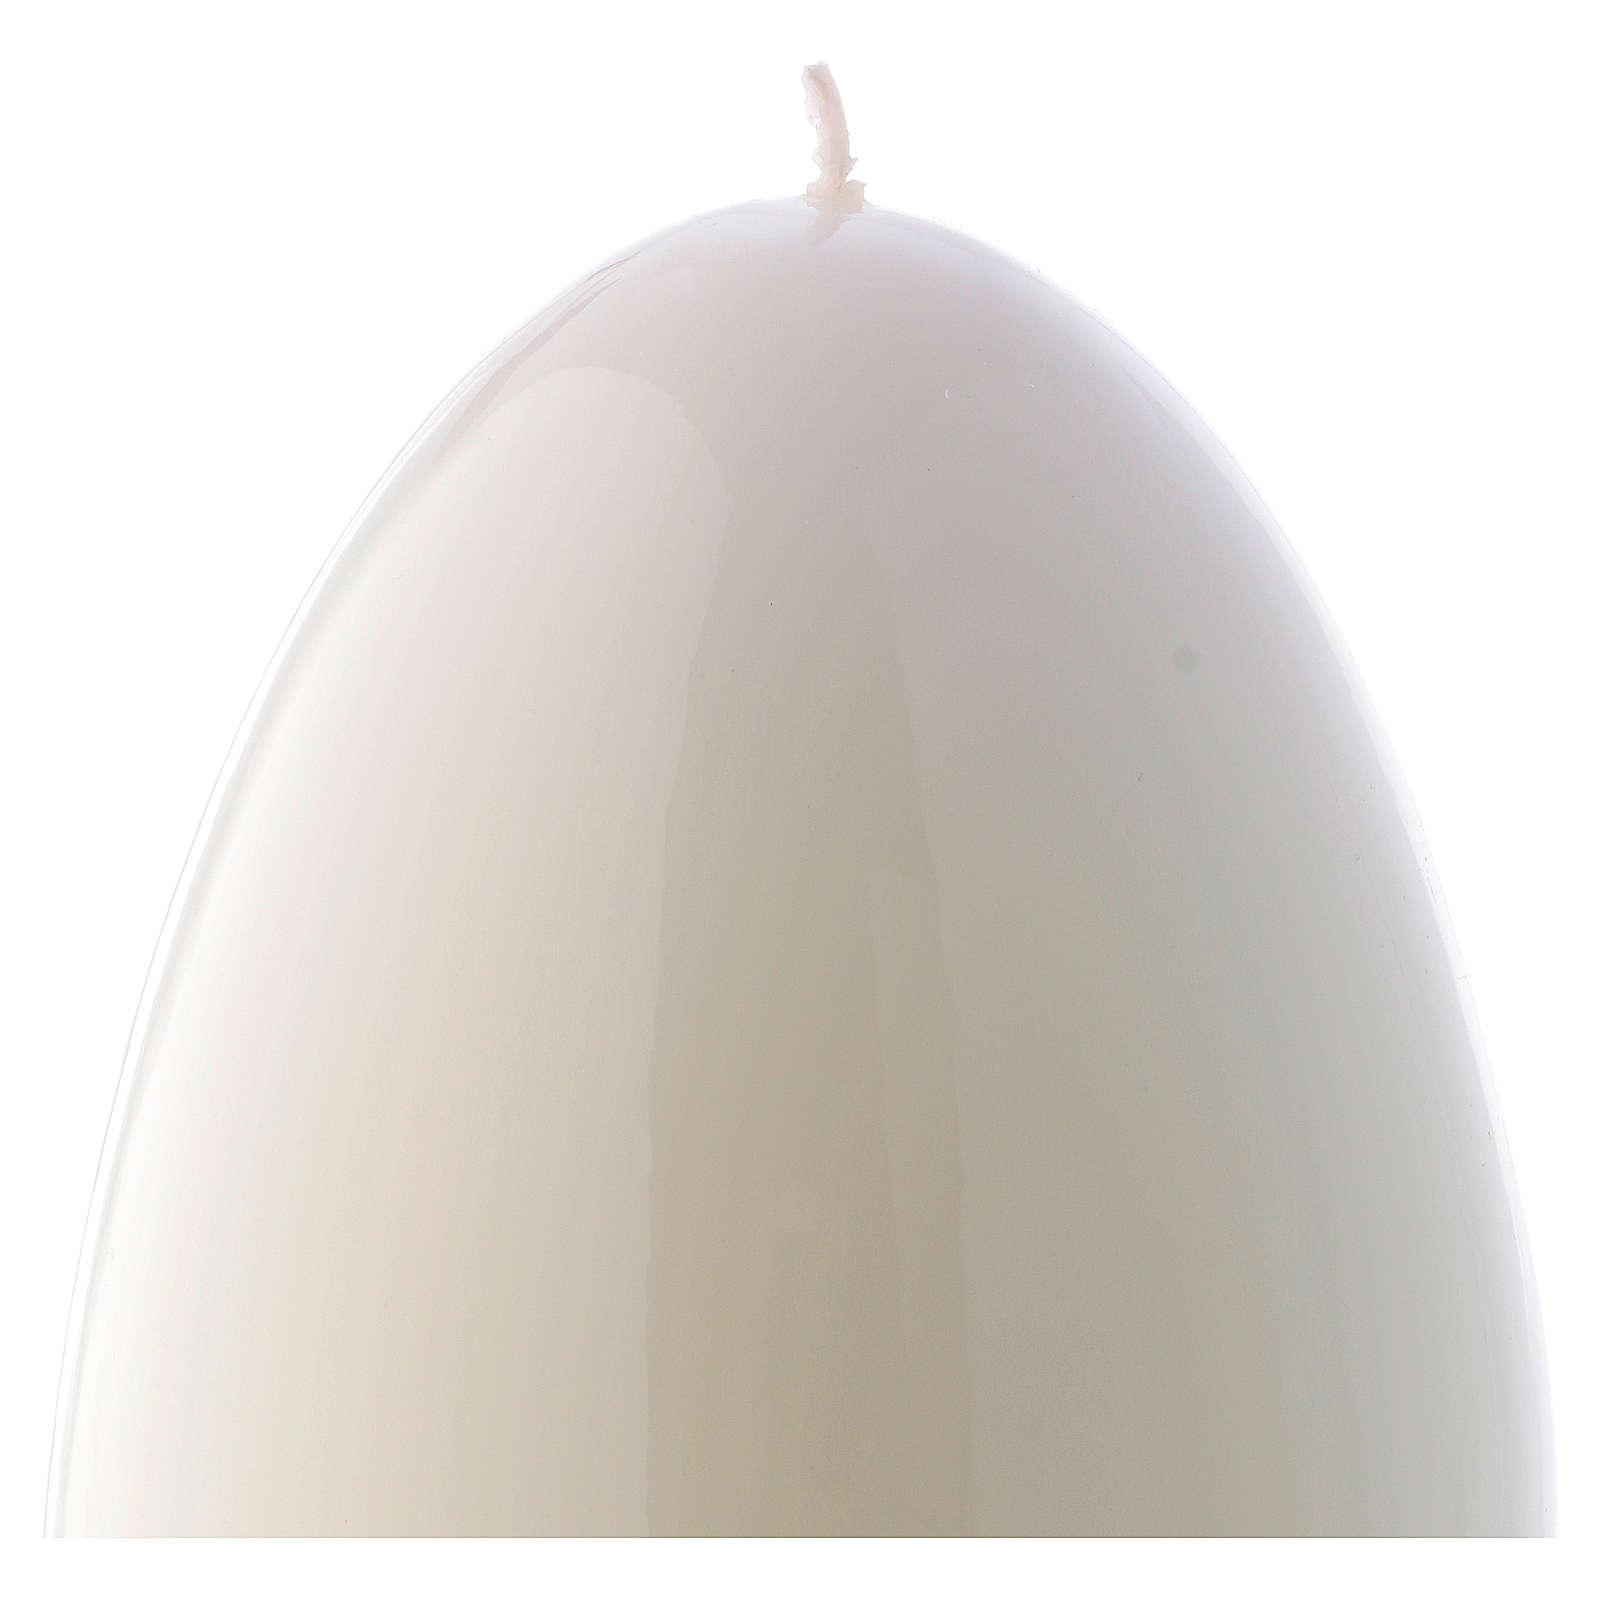 Bougie blanche Brillante Ceralacca Oeuf diam. 140 mm 3